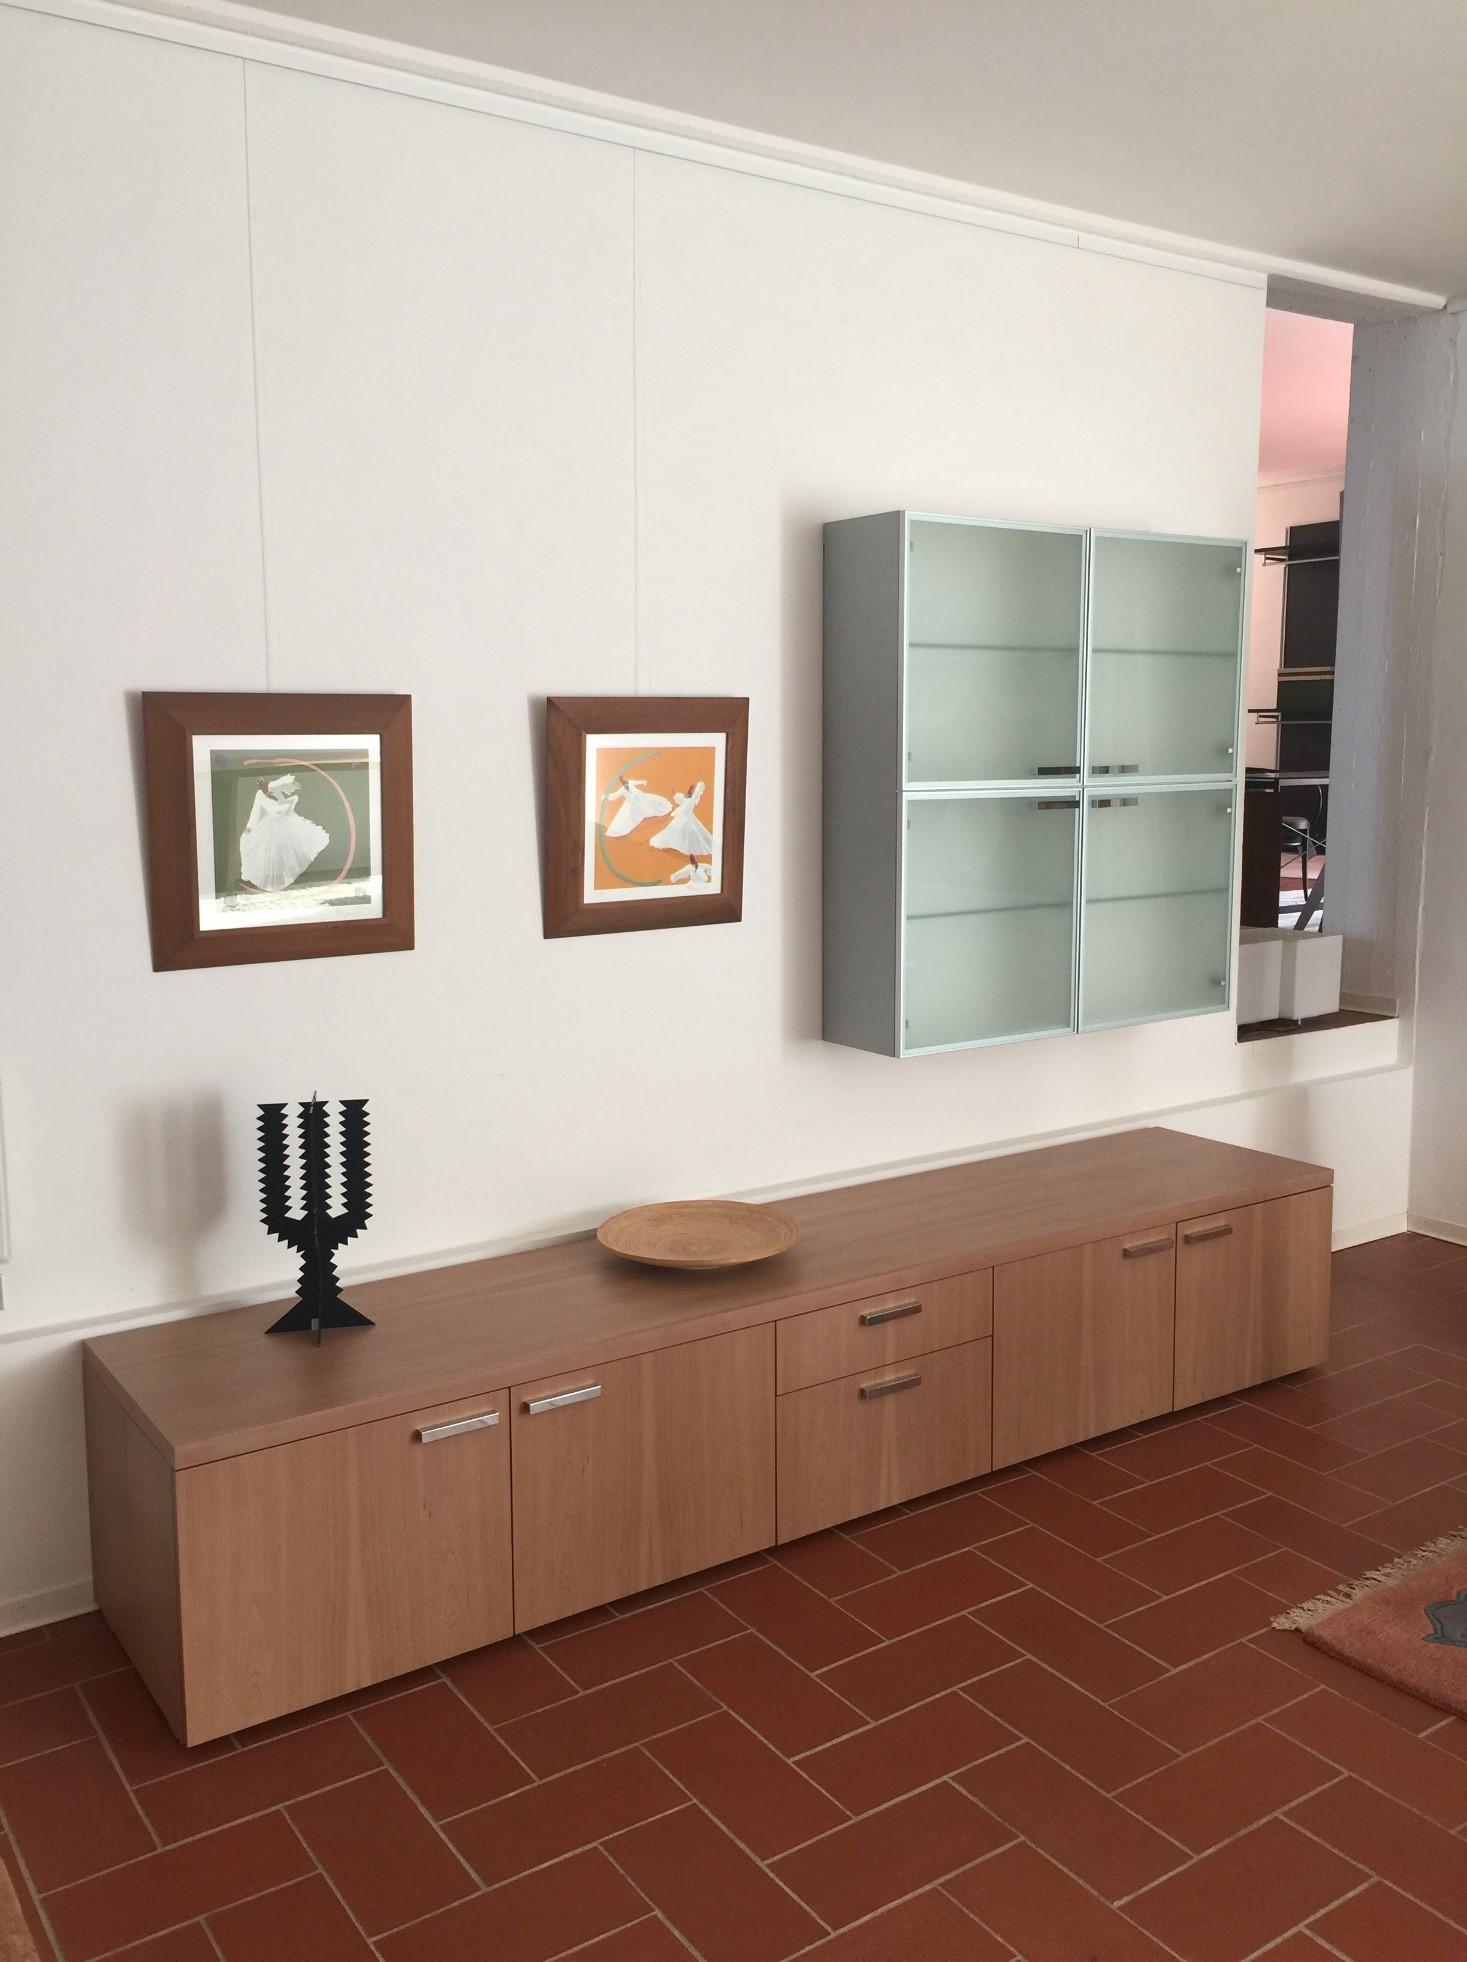 Mobile cappellini serie sistemi vetrina barlozzini mobili arredamenti casa bagno cucina - Cappellini mobili ...